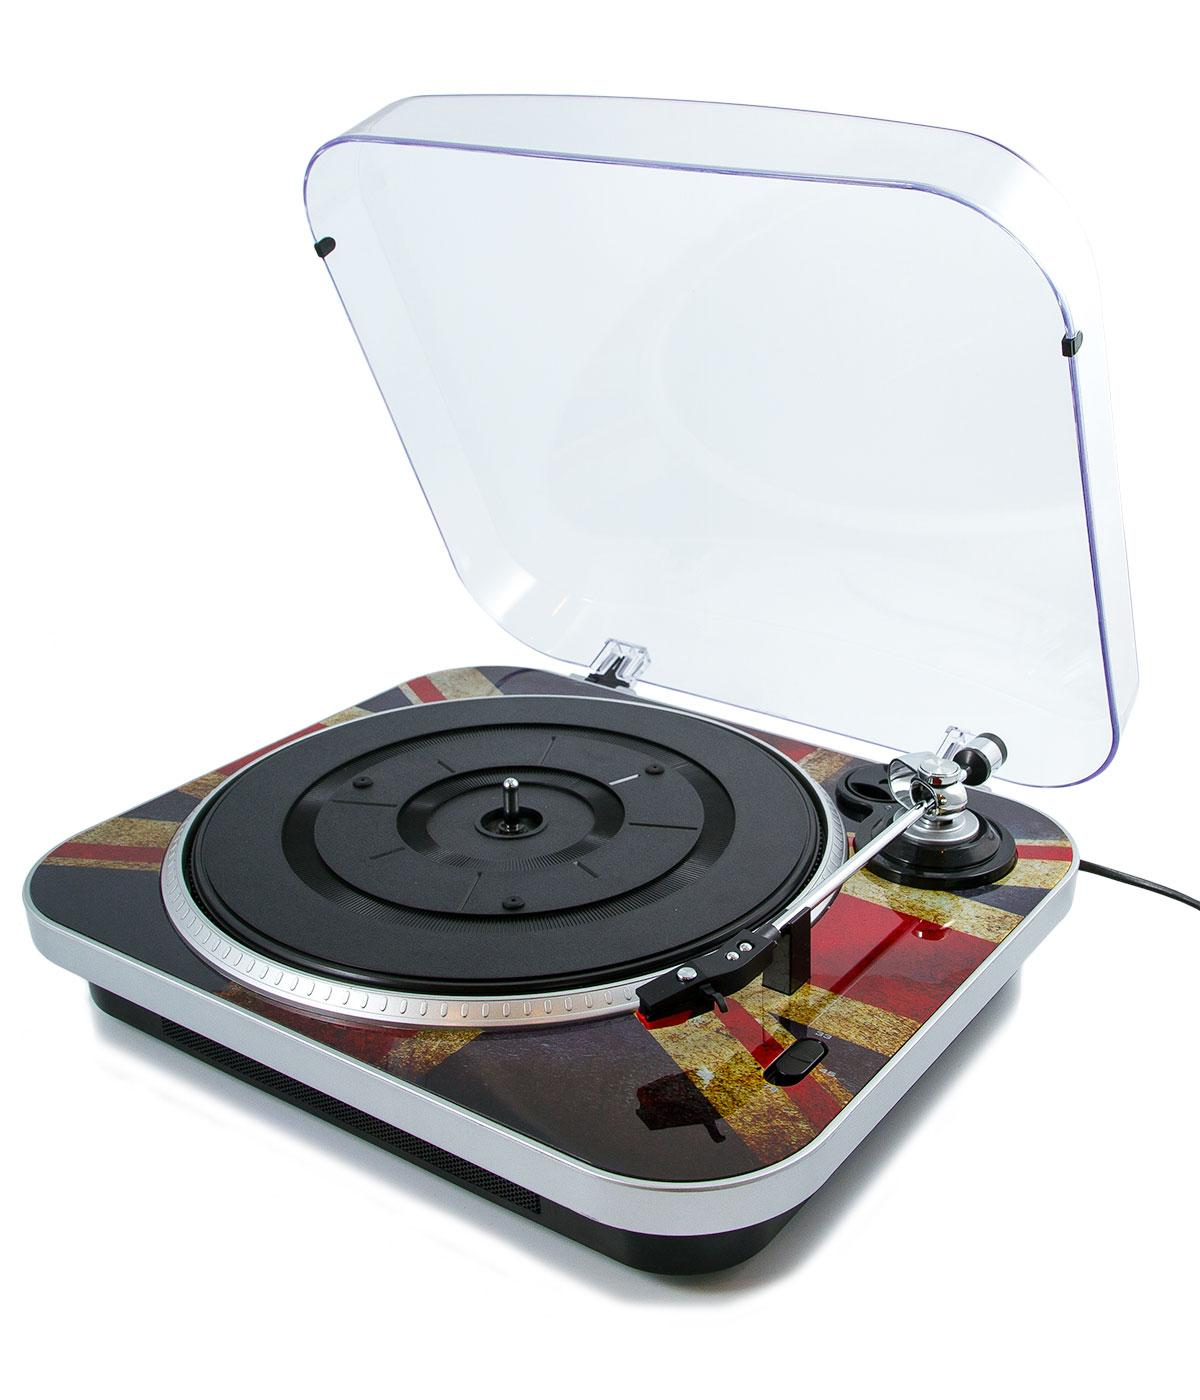 GPO RETRO 1960s Mod Jam Union Jack Record Player